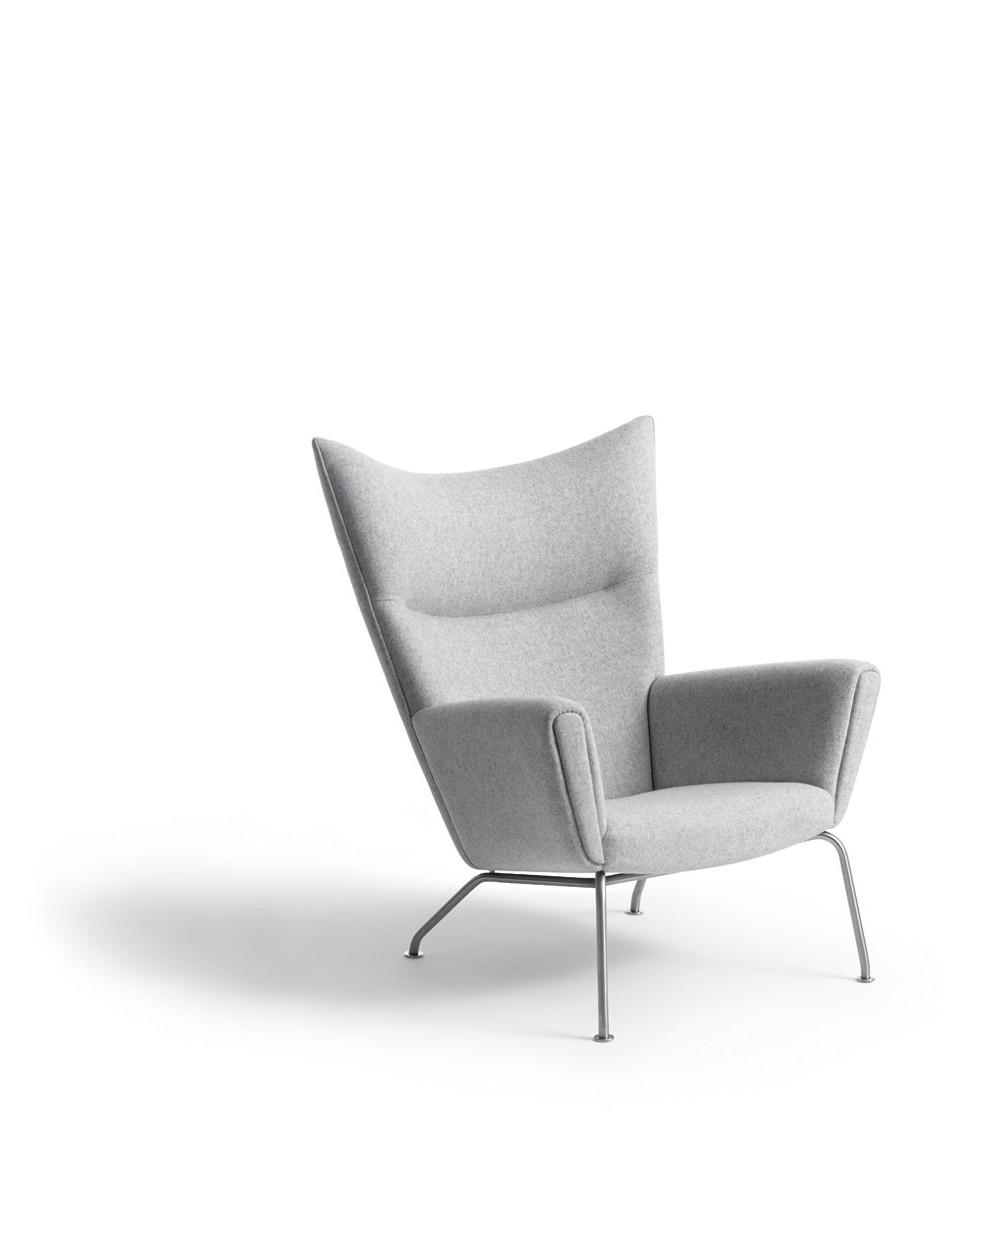 Wing chair CH445, Hans J. Wegner